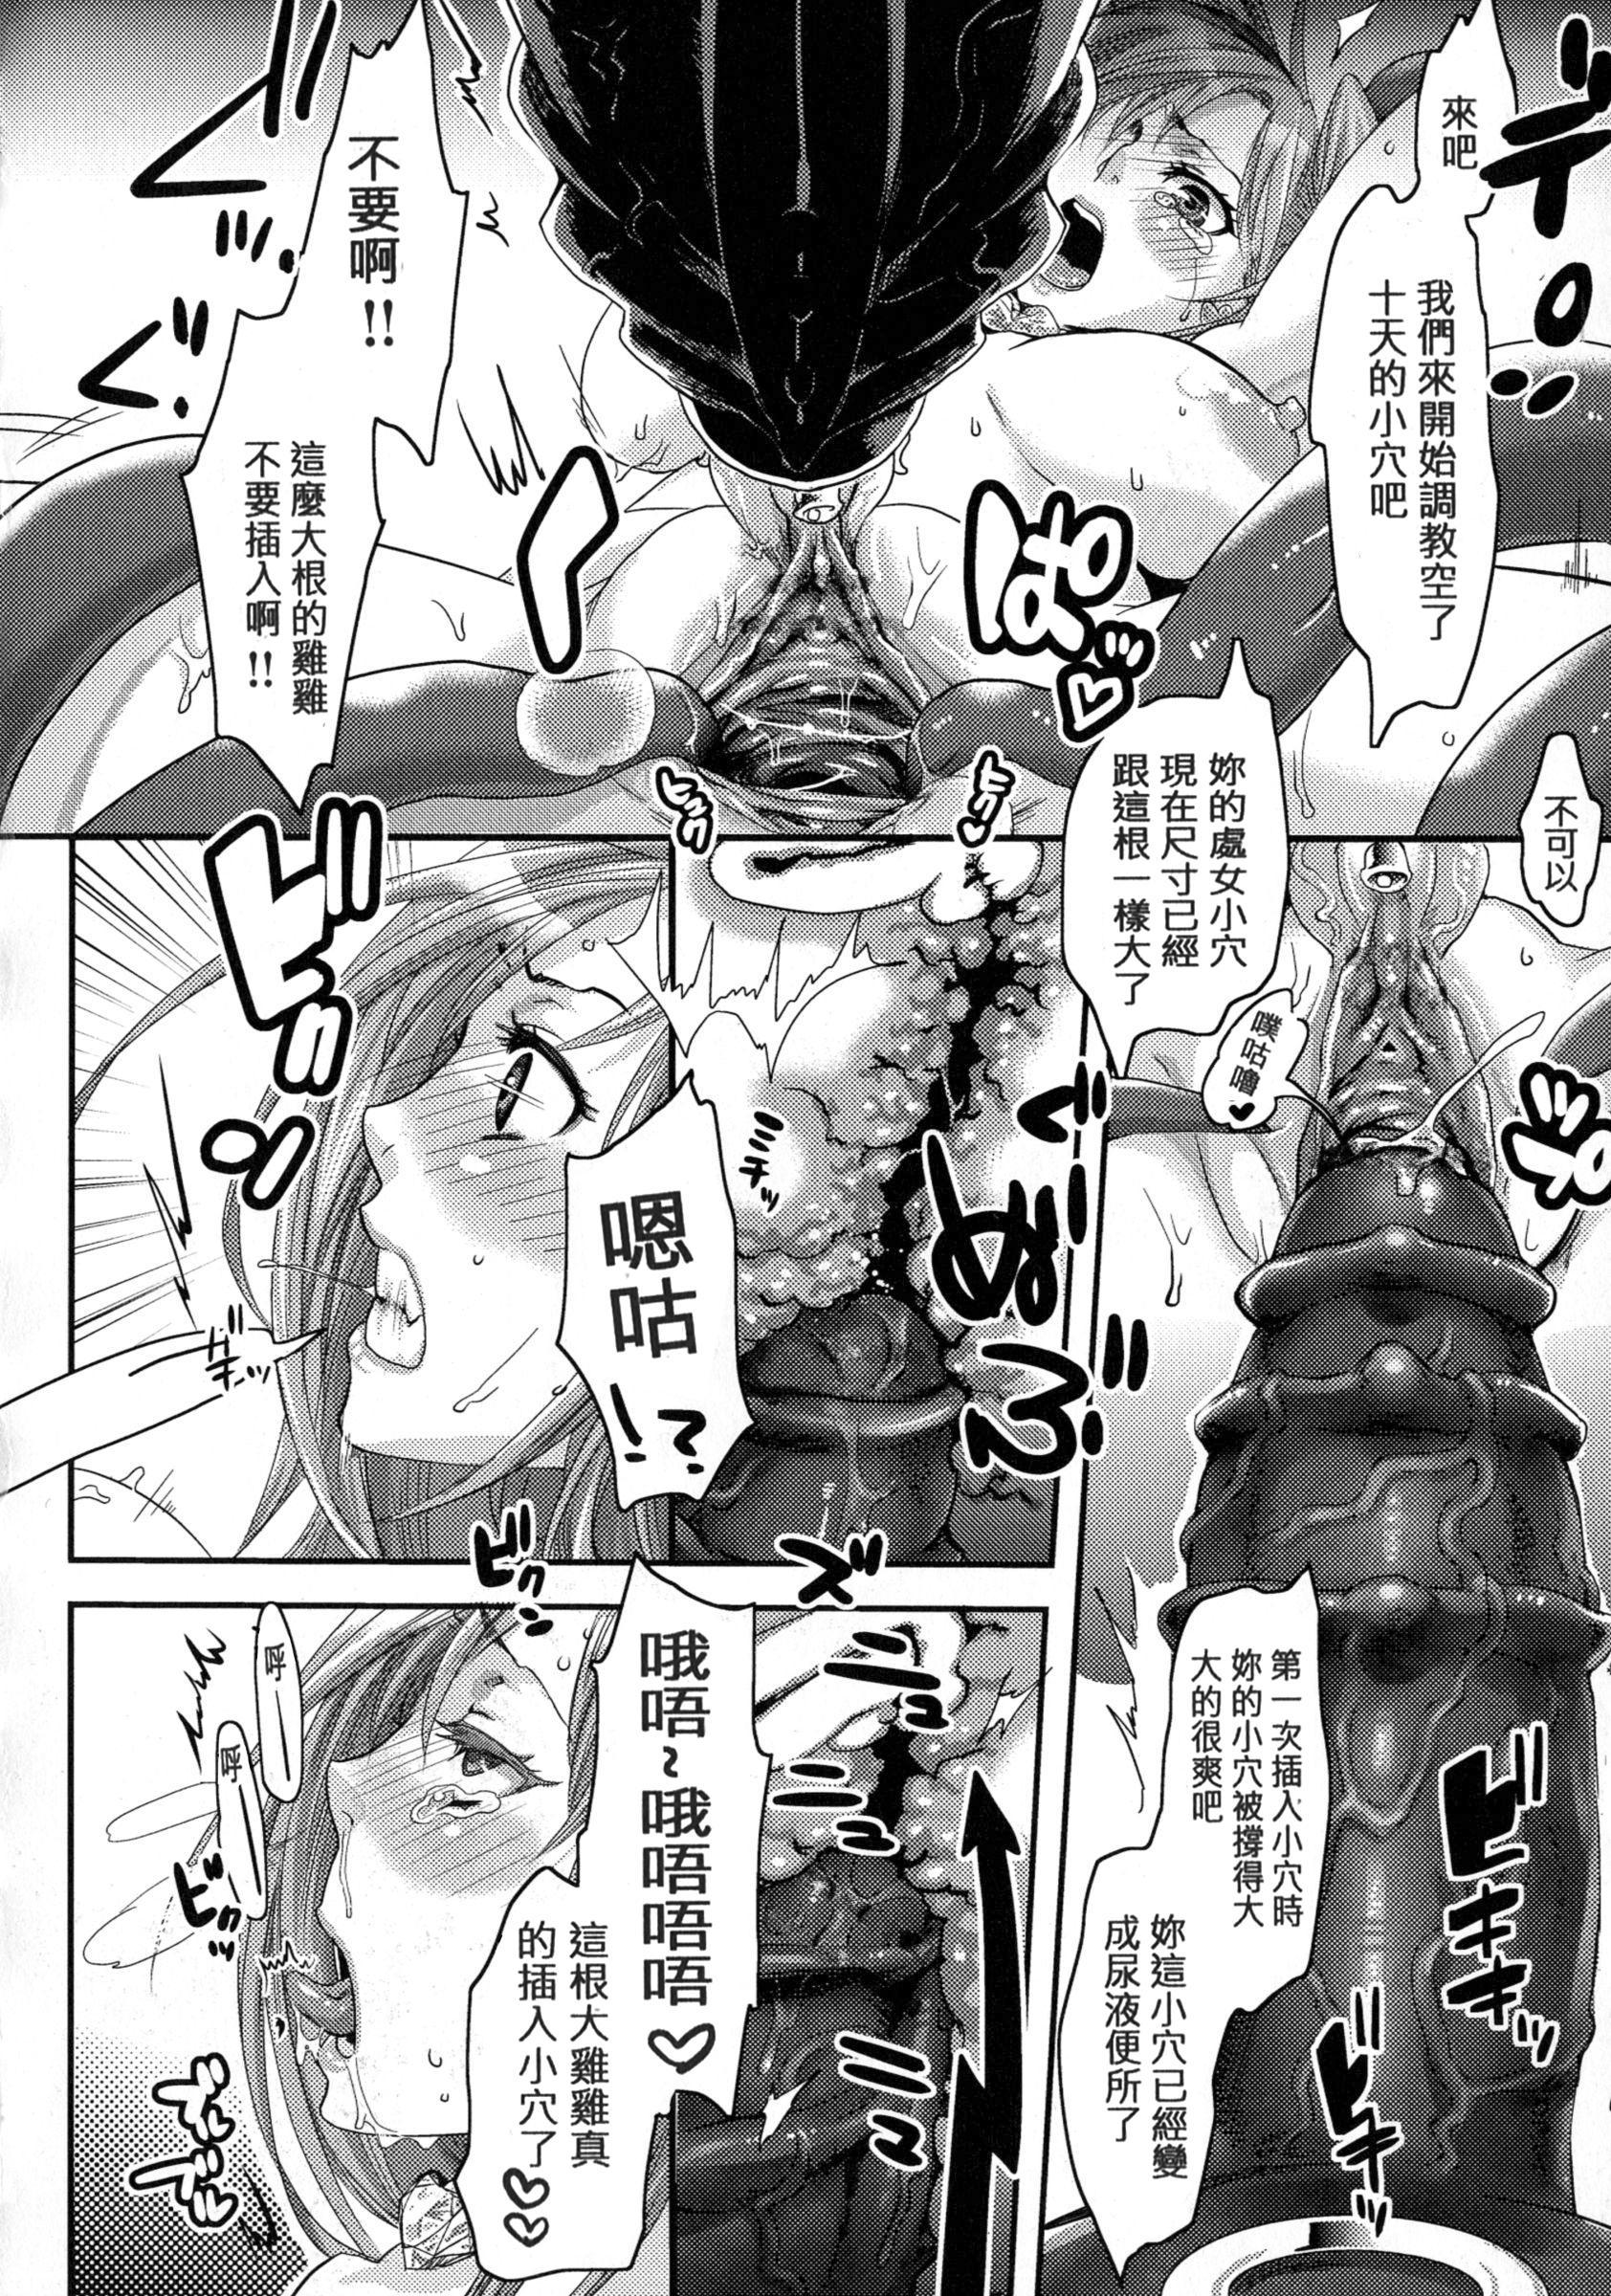 Chouki-sama no Ingyaku Yuugi 45